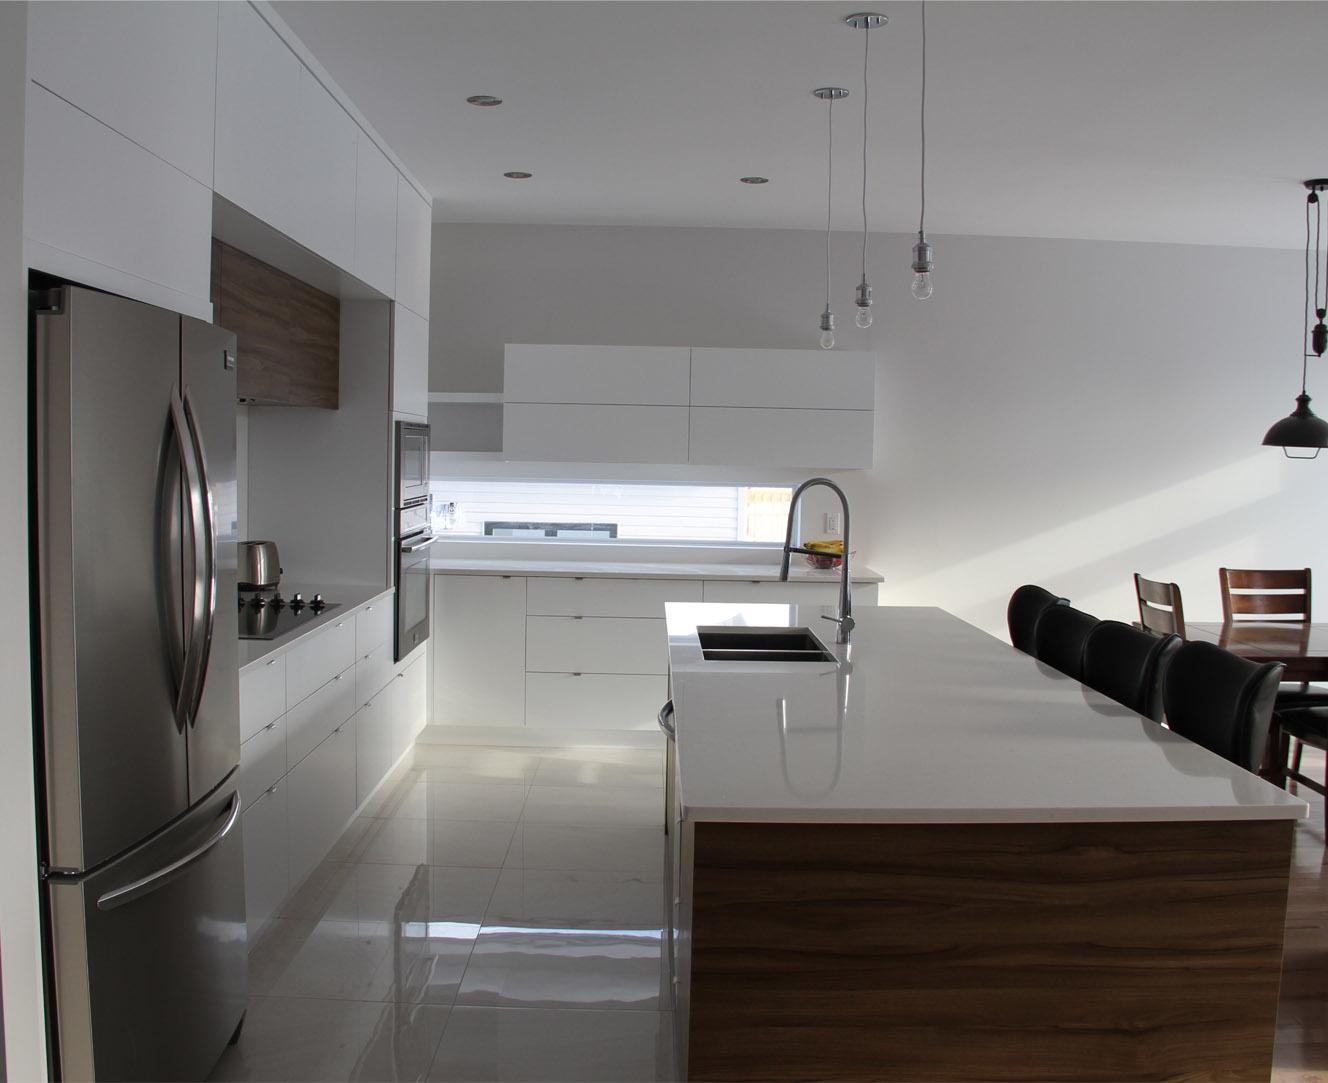 Armoires de cuisine thermoplastique blanc mat 5450